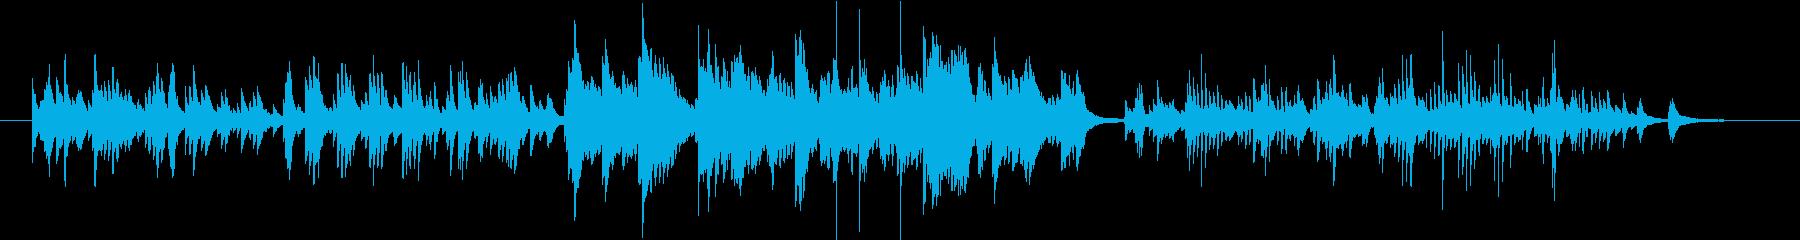 Prologueの再生済みの波形